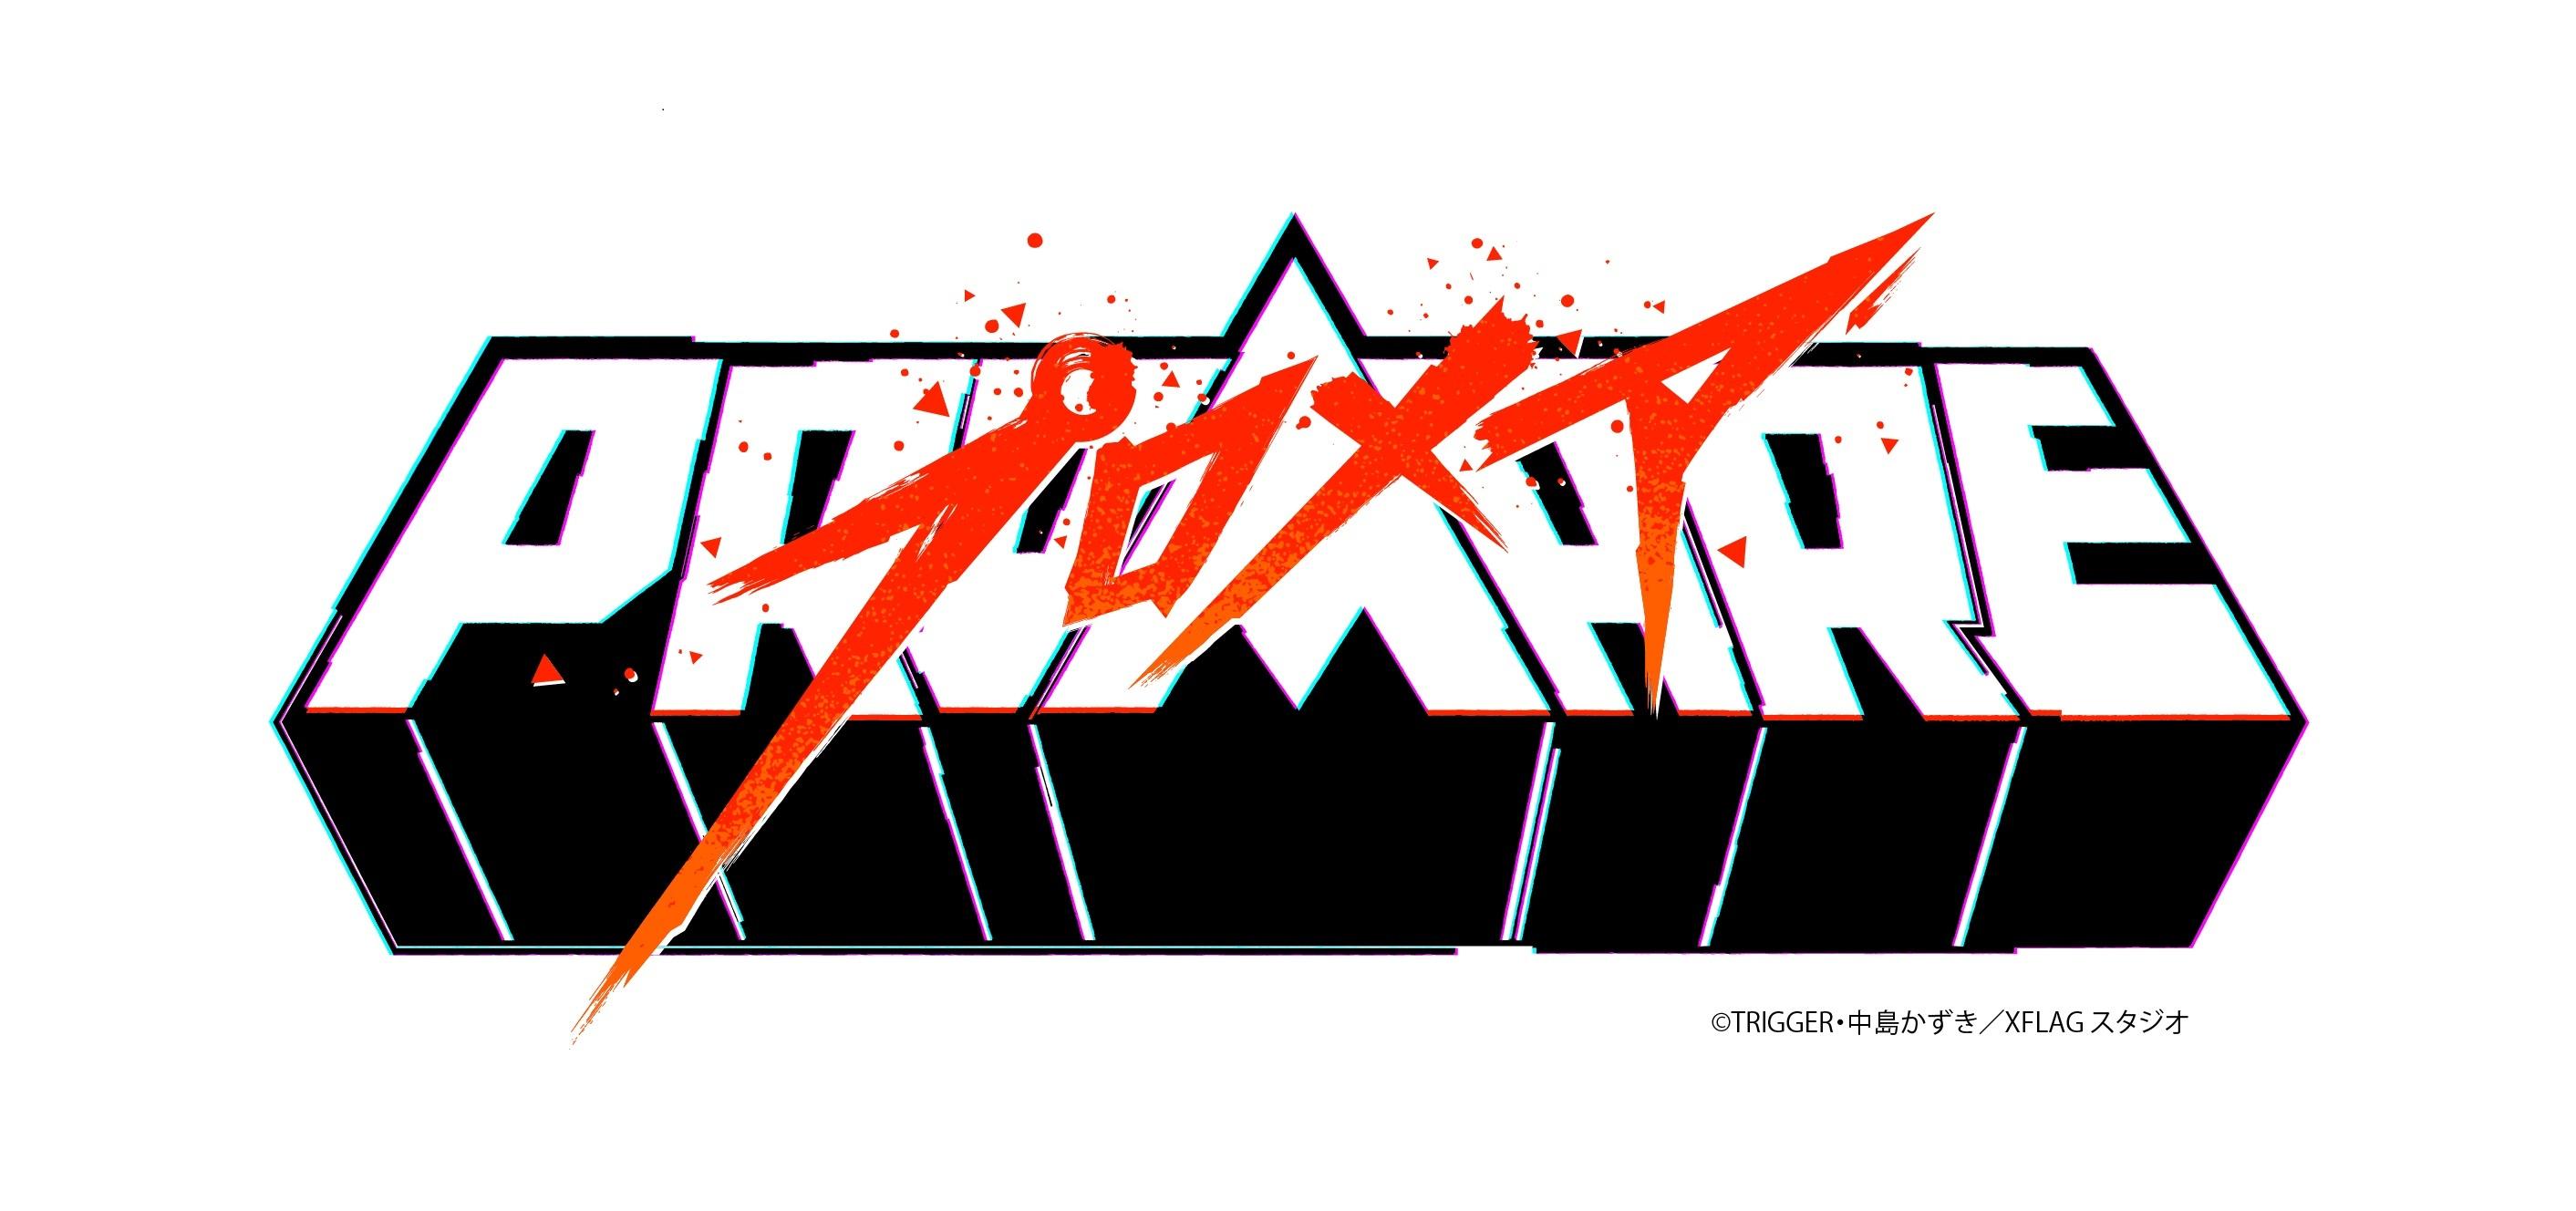 アニメ『プロメア』ロゴ (c)TRIGGER・中島かずき/XFLAGスタジオ